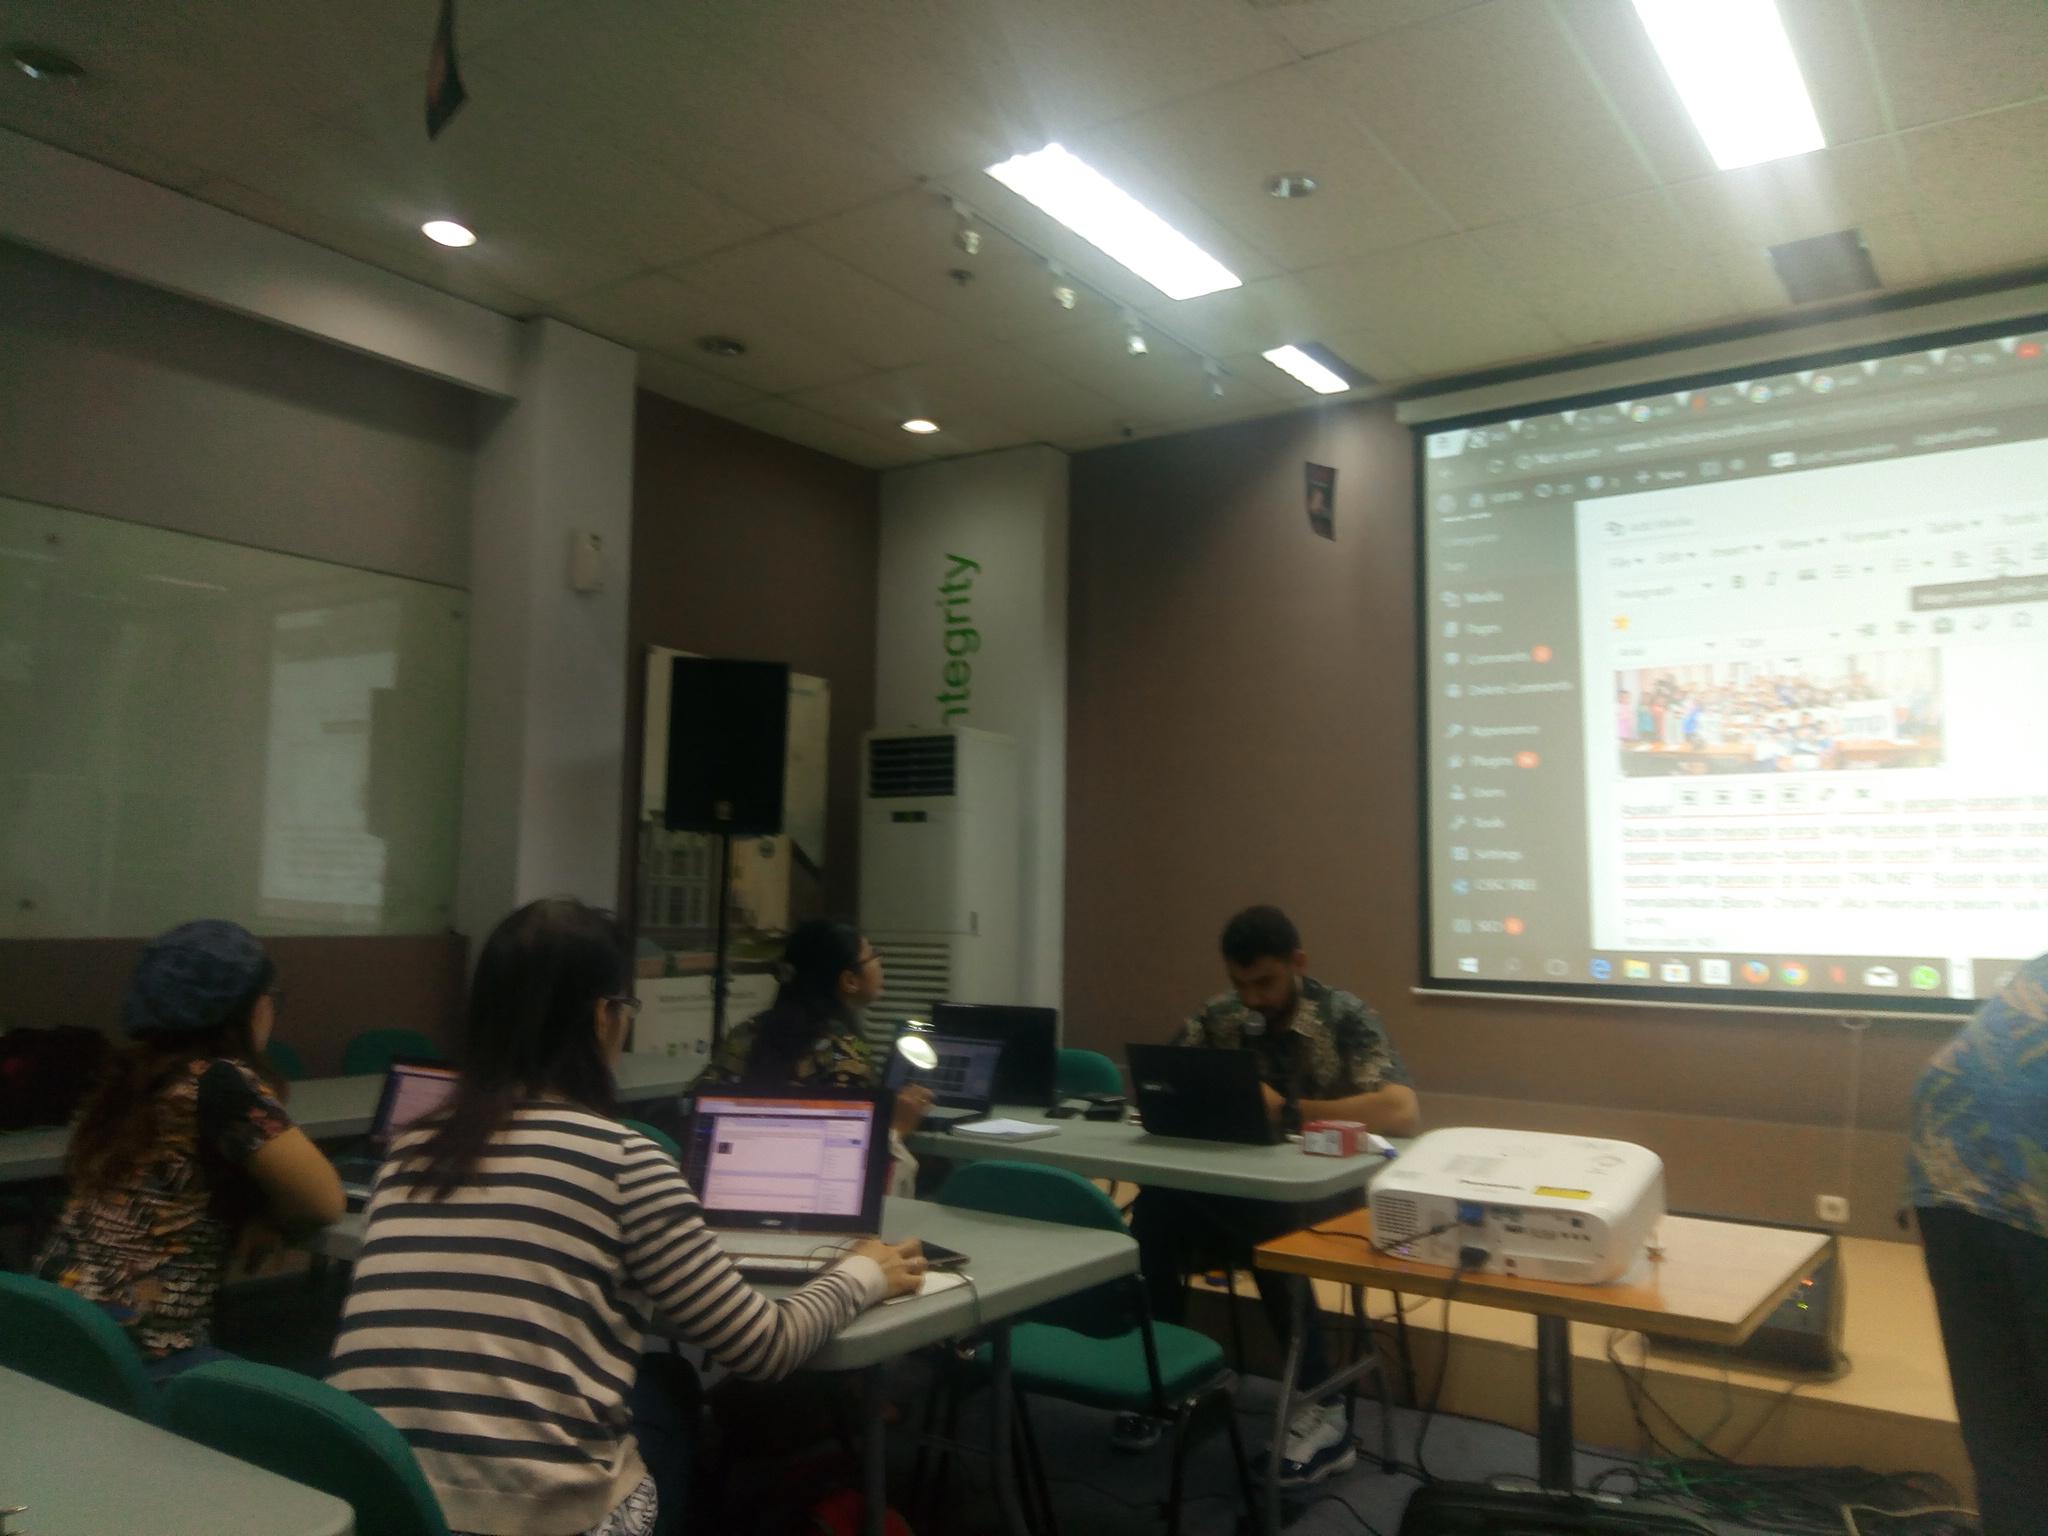 Kursus Digital Marketing Terbaik dan Termurah di Jakarta Timur | Hubungi 087878202527|